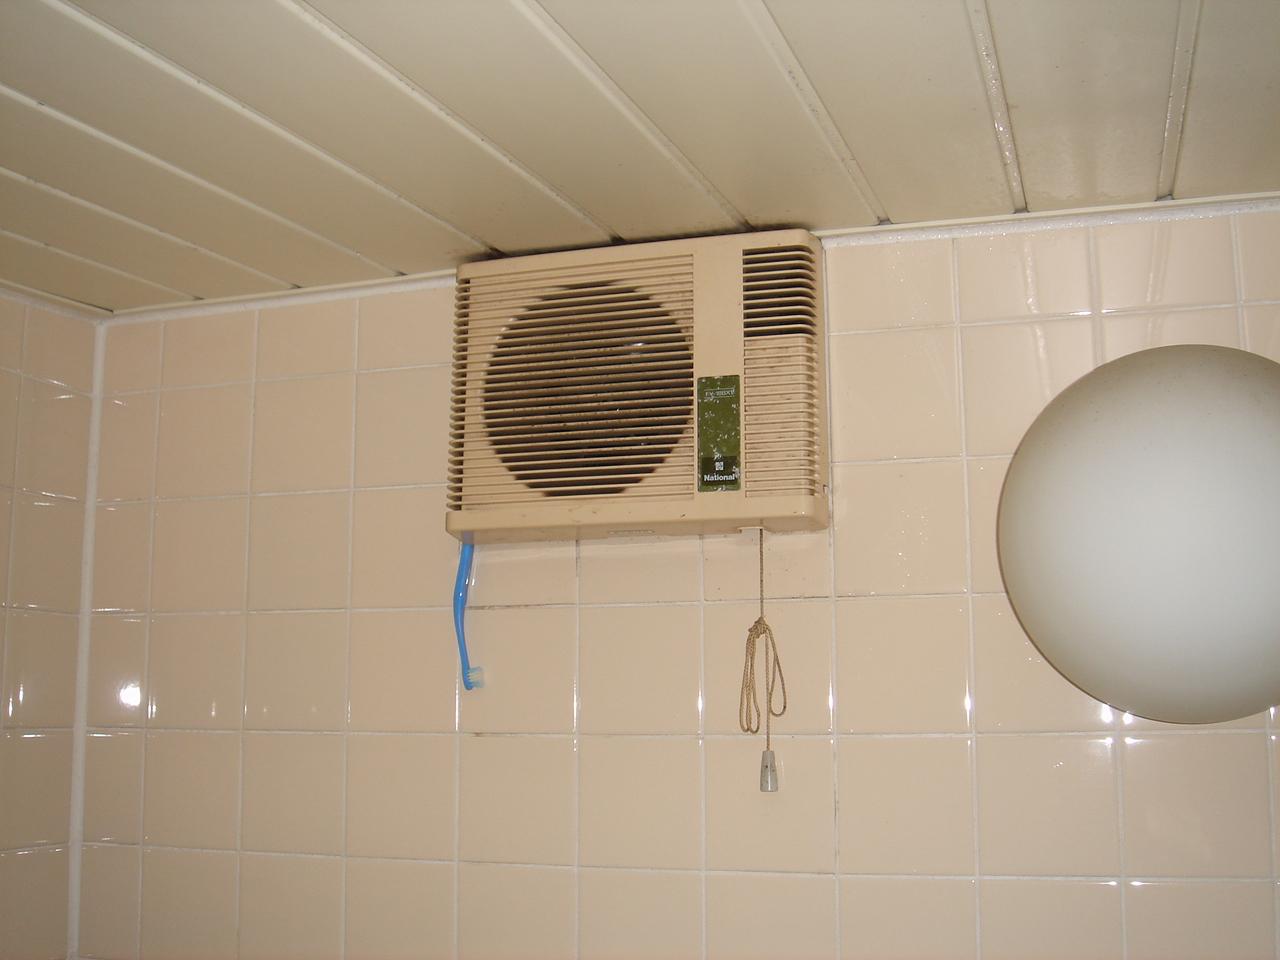 換気扇 風呂 交換 場 お風呂の換気扇は24時間つけっぱなしが基本!消さないメリットと気になる電気代は?|【enepi